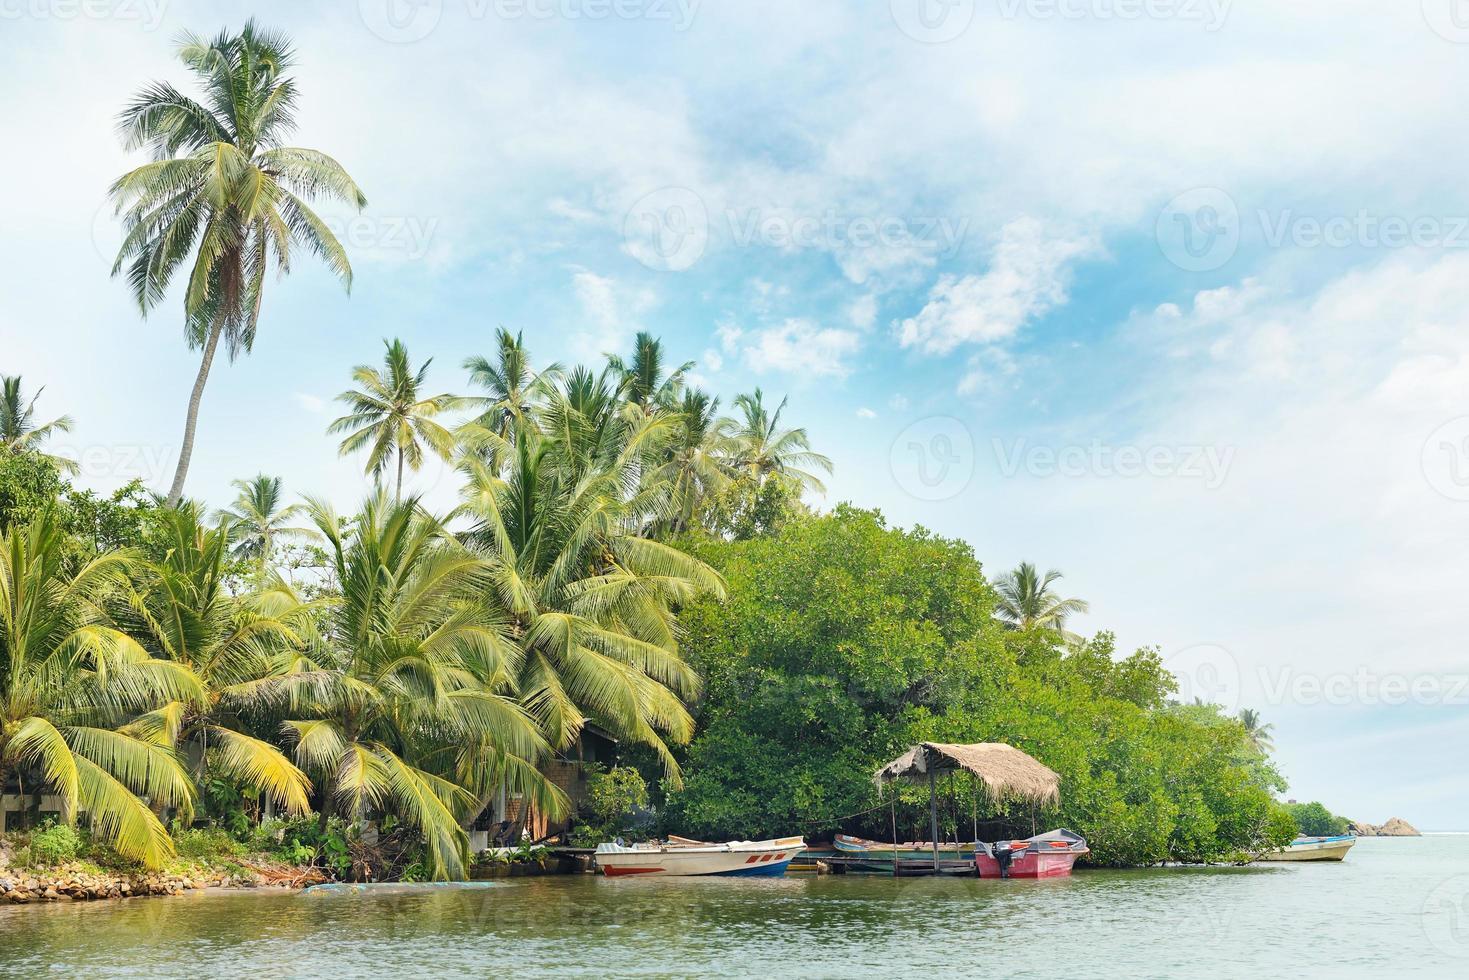 floresta equatorial e barcos no lago foto